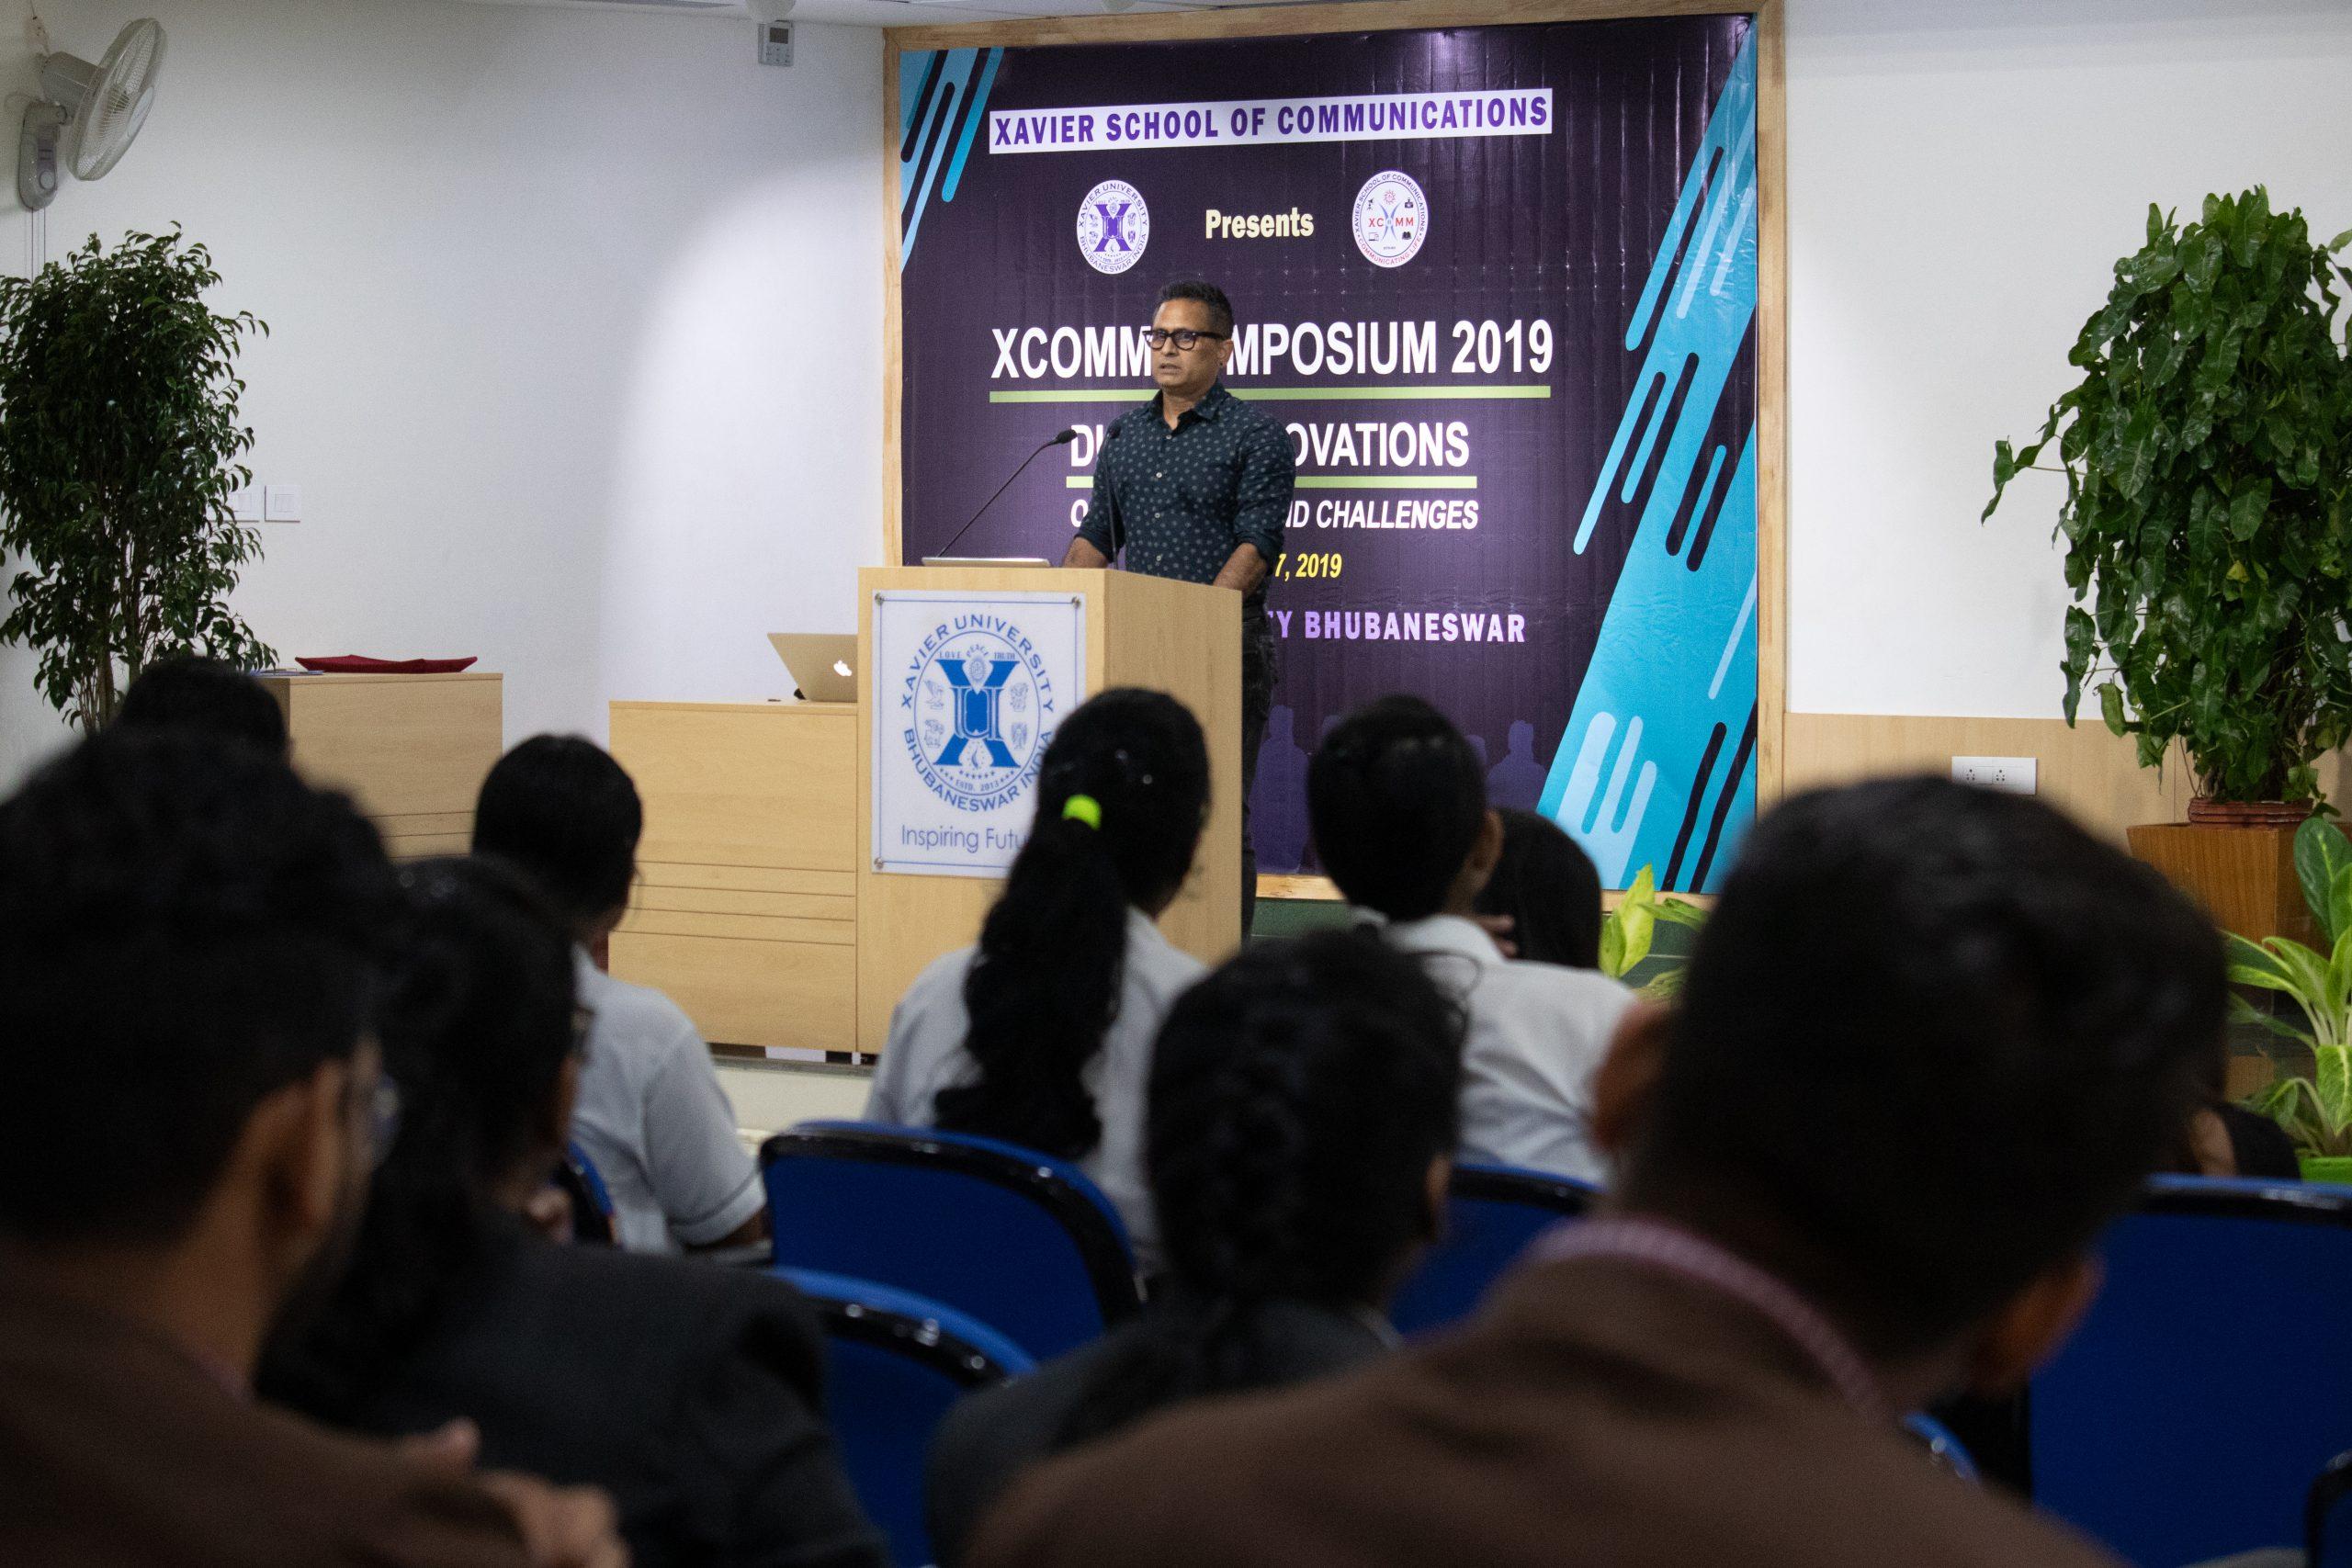 symposium 2019 October 7